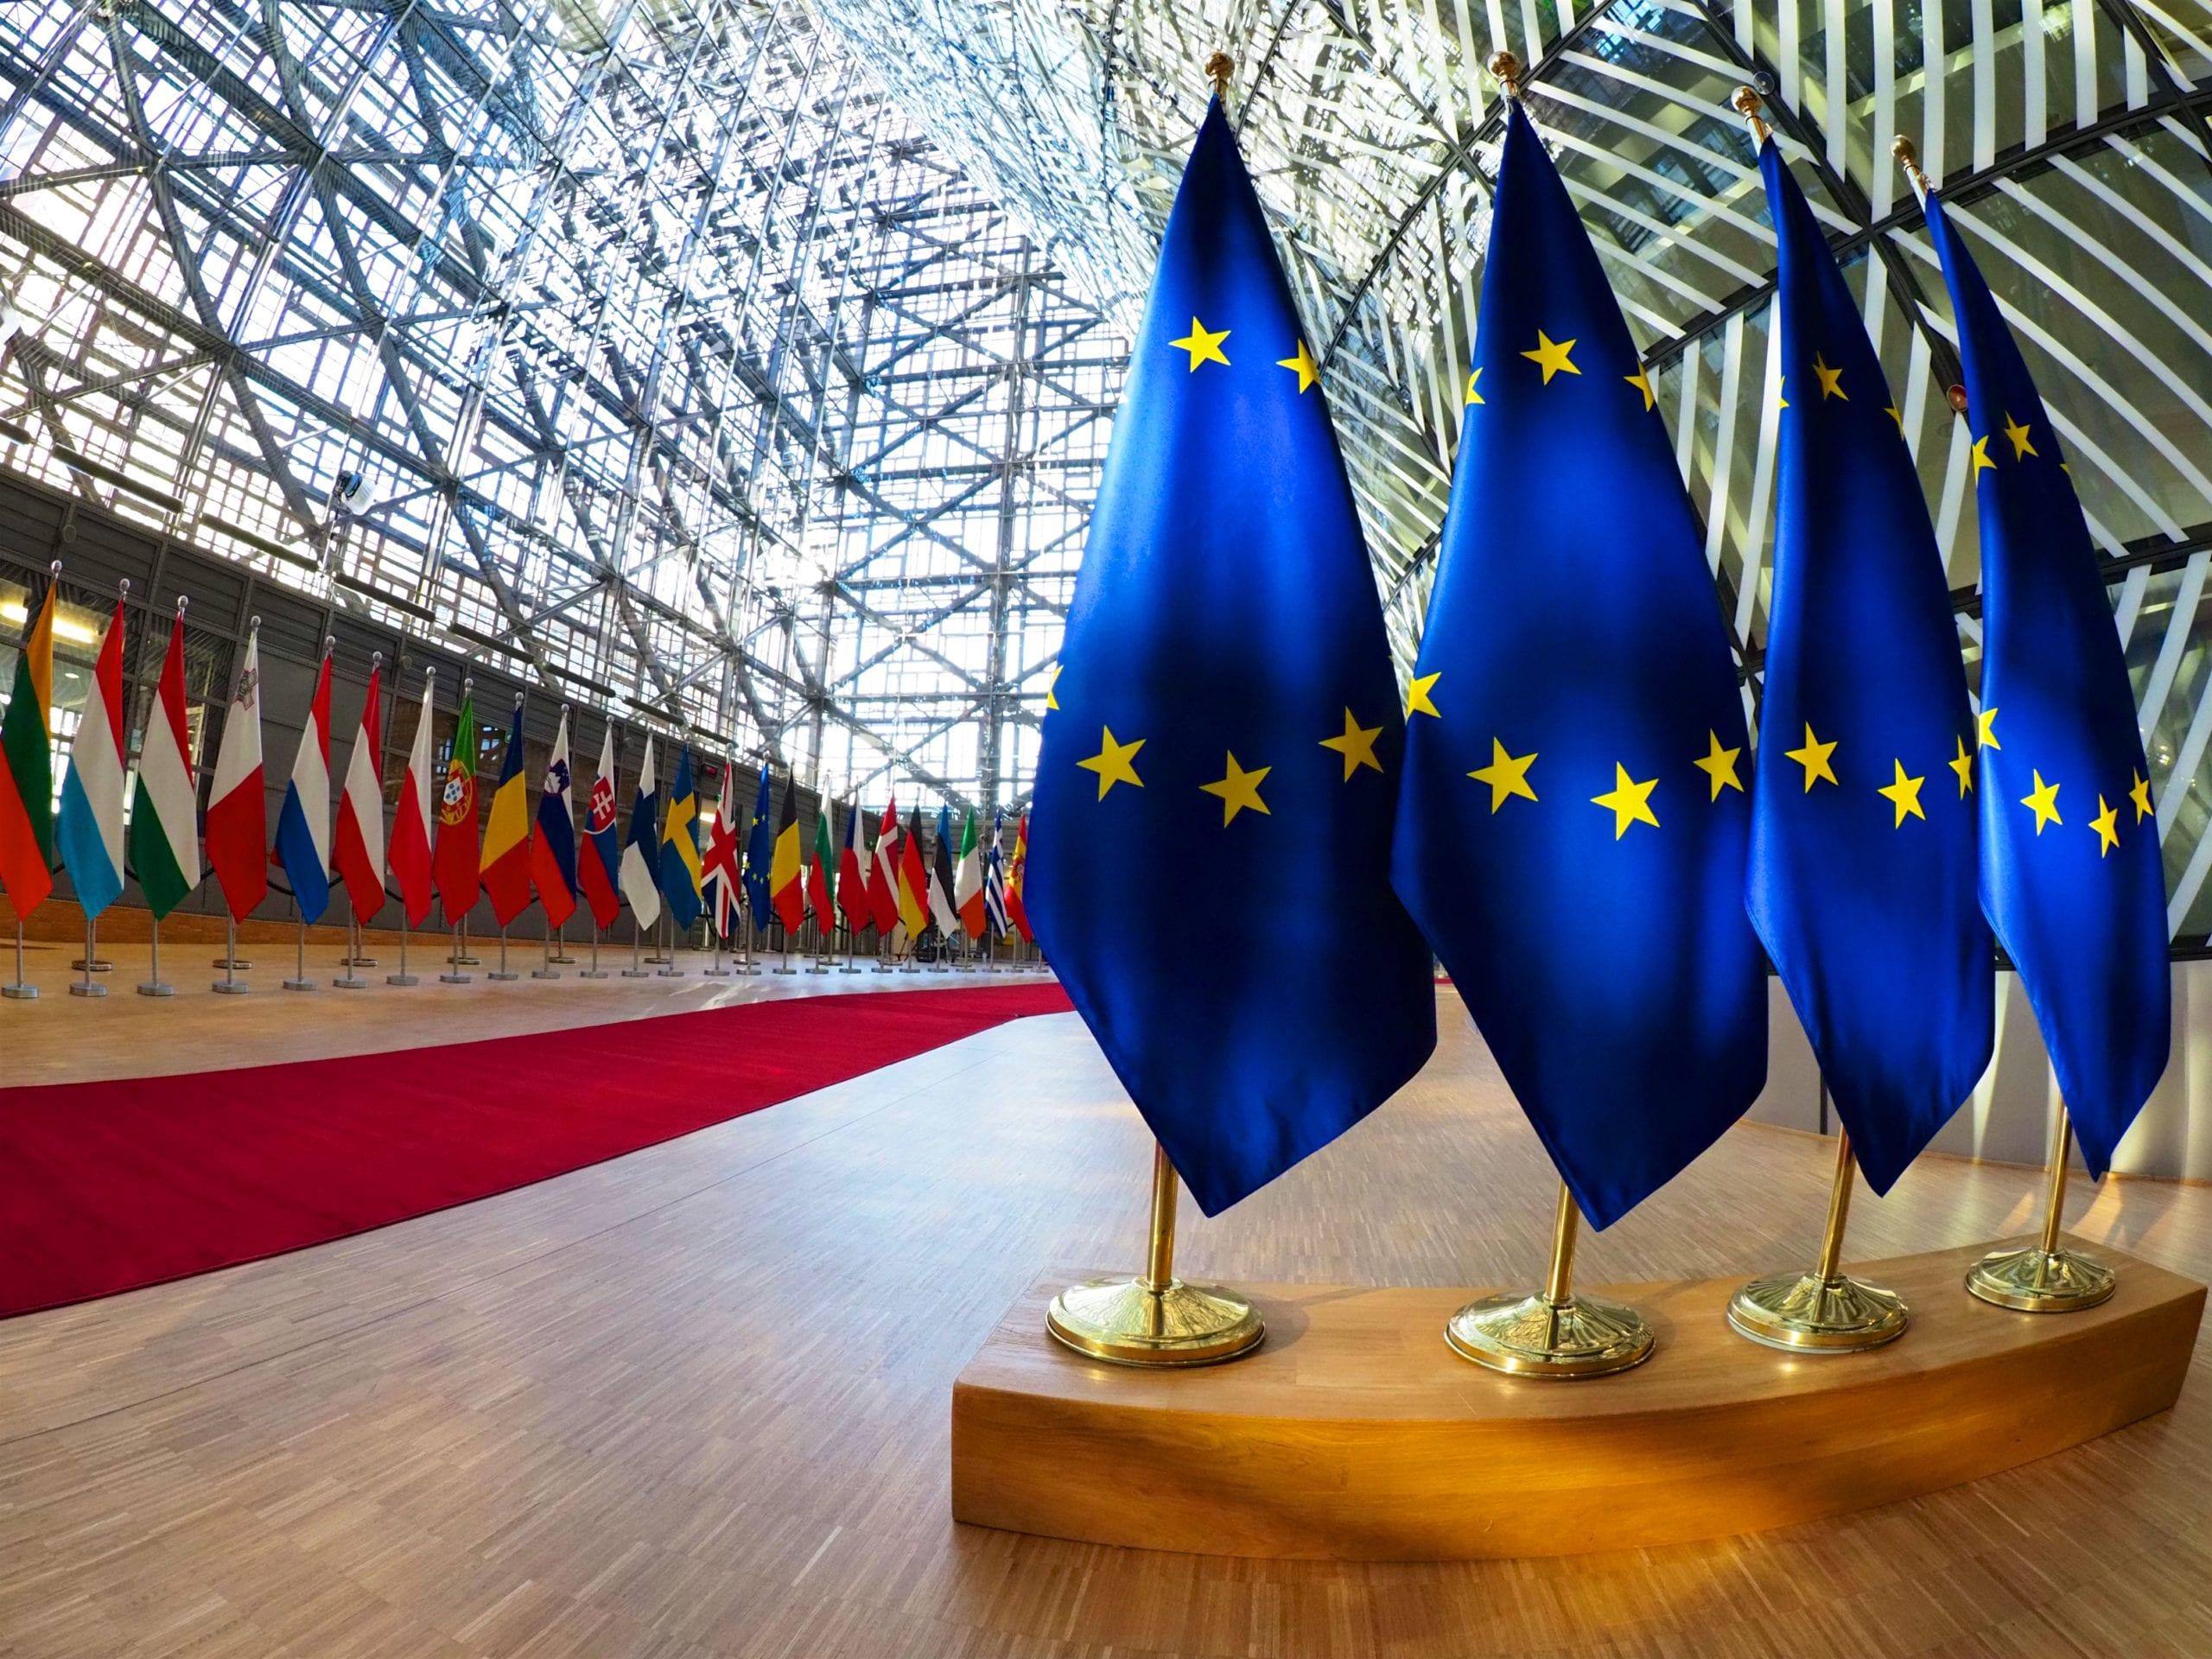 ΕΕ: Κυρώσεις κατά Συρίας για επίθεση με χημικά το 2017